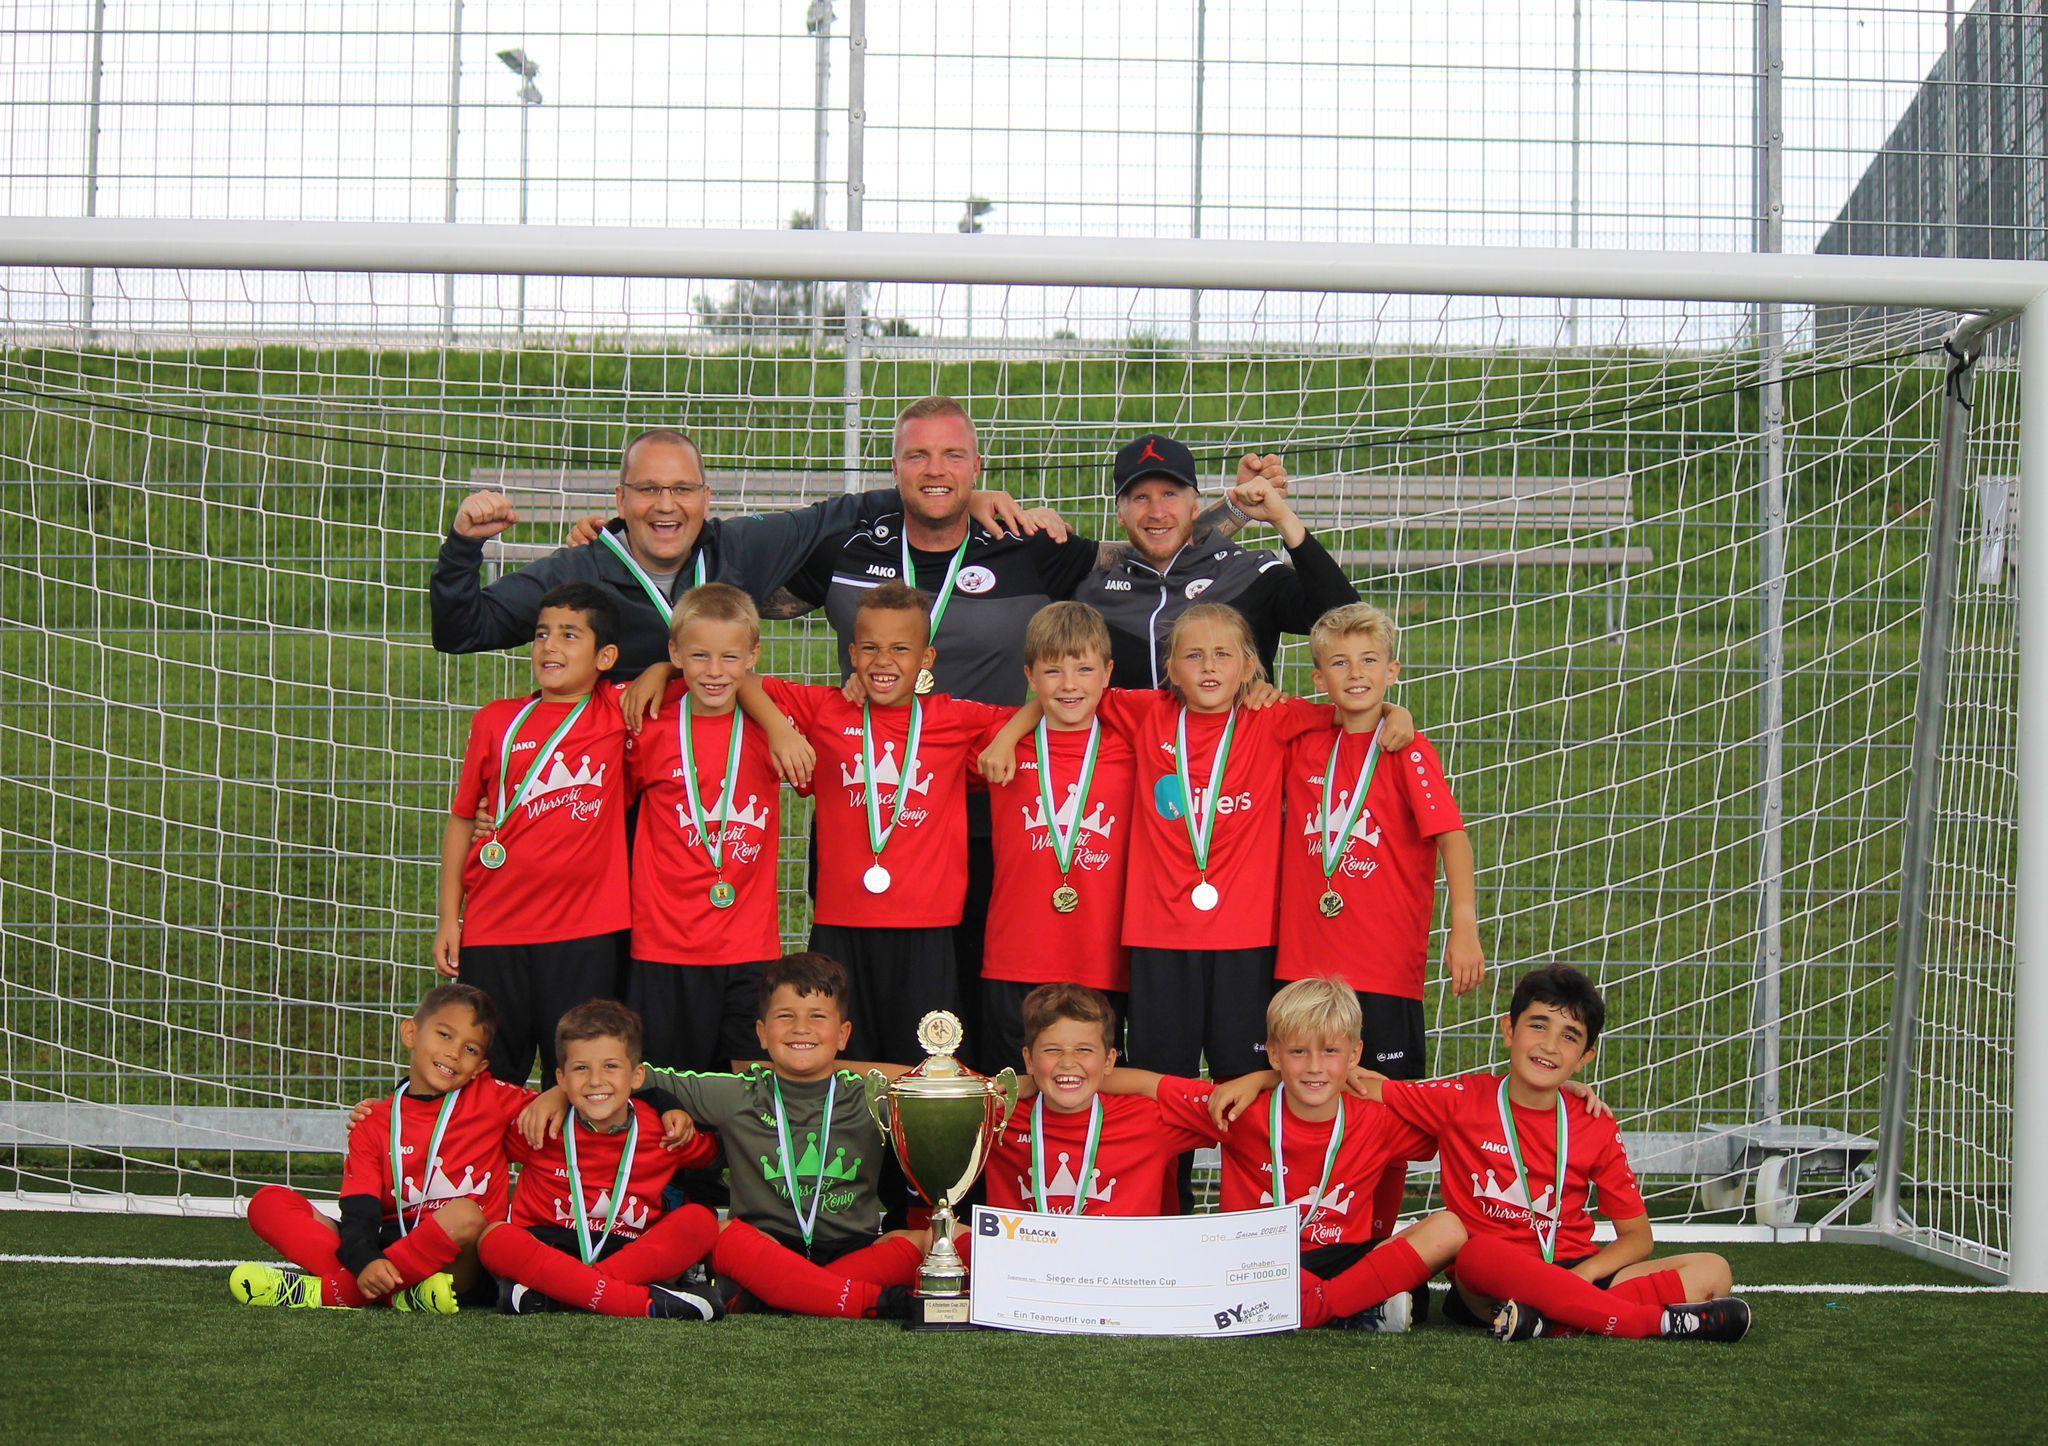 Mannschaftsfoto Junioren E rot mit Sponsor Würstkönig Hornussen Saison 2021/2022